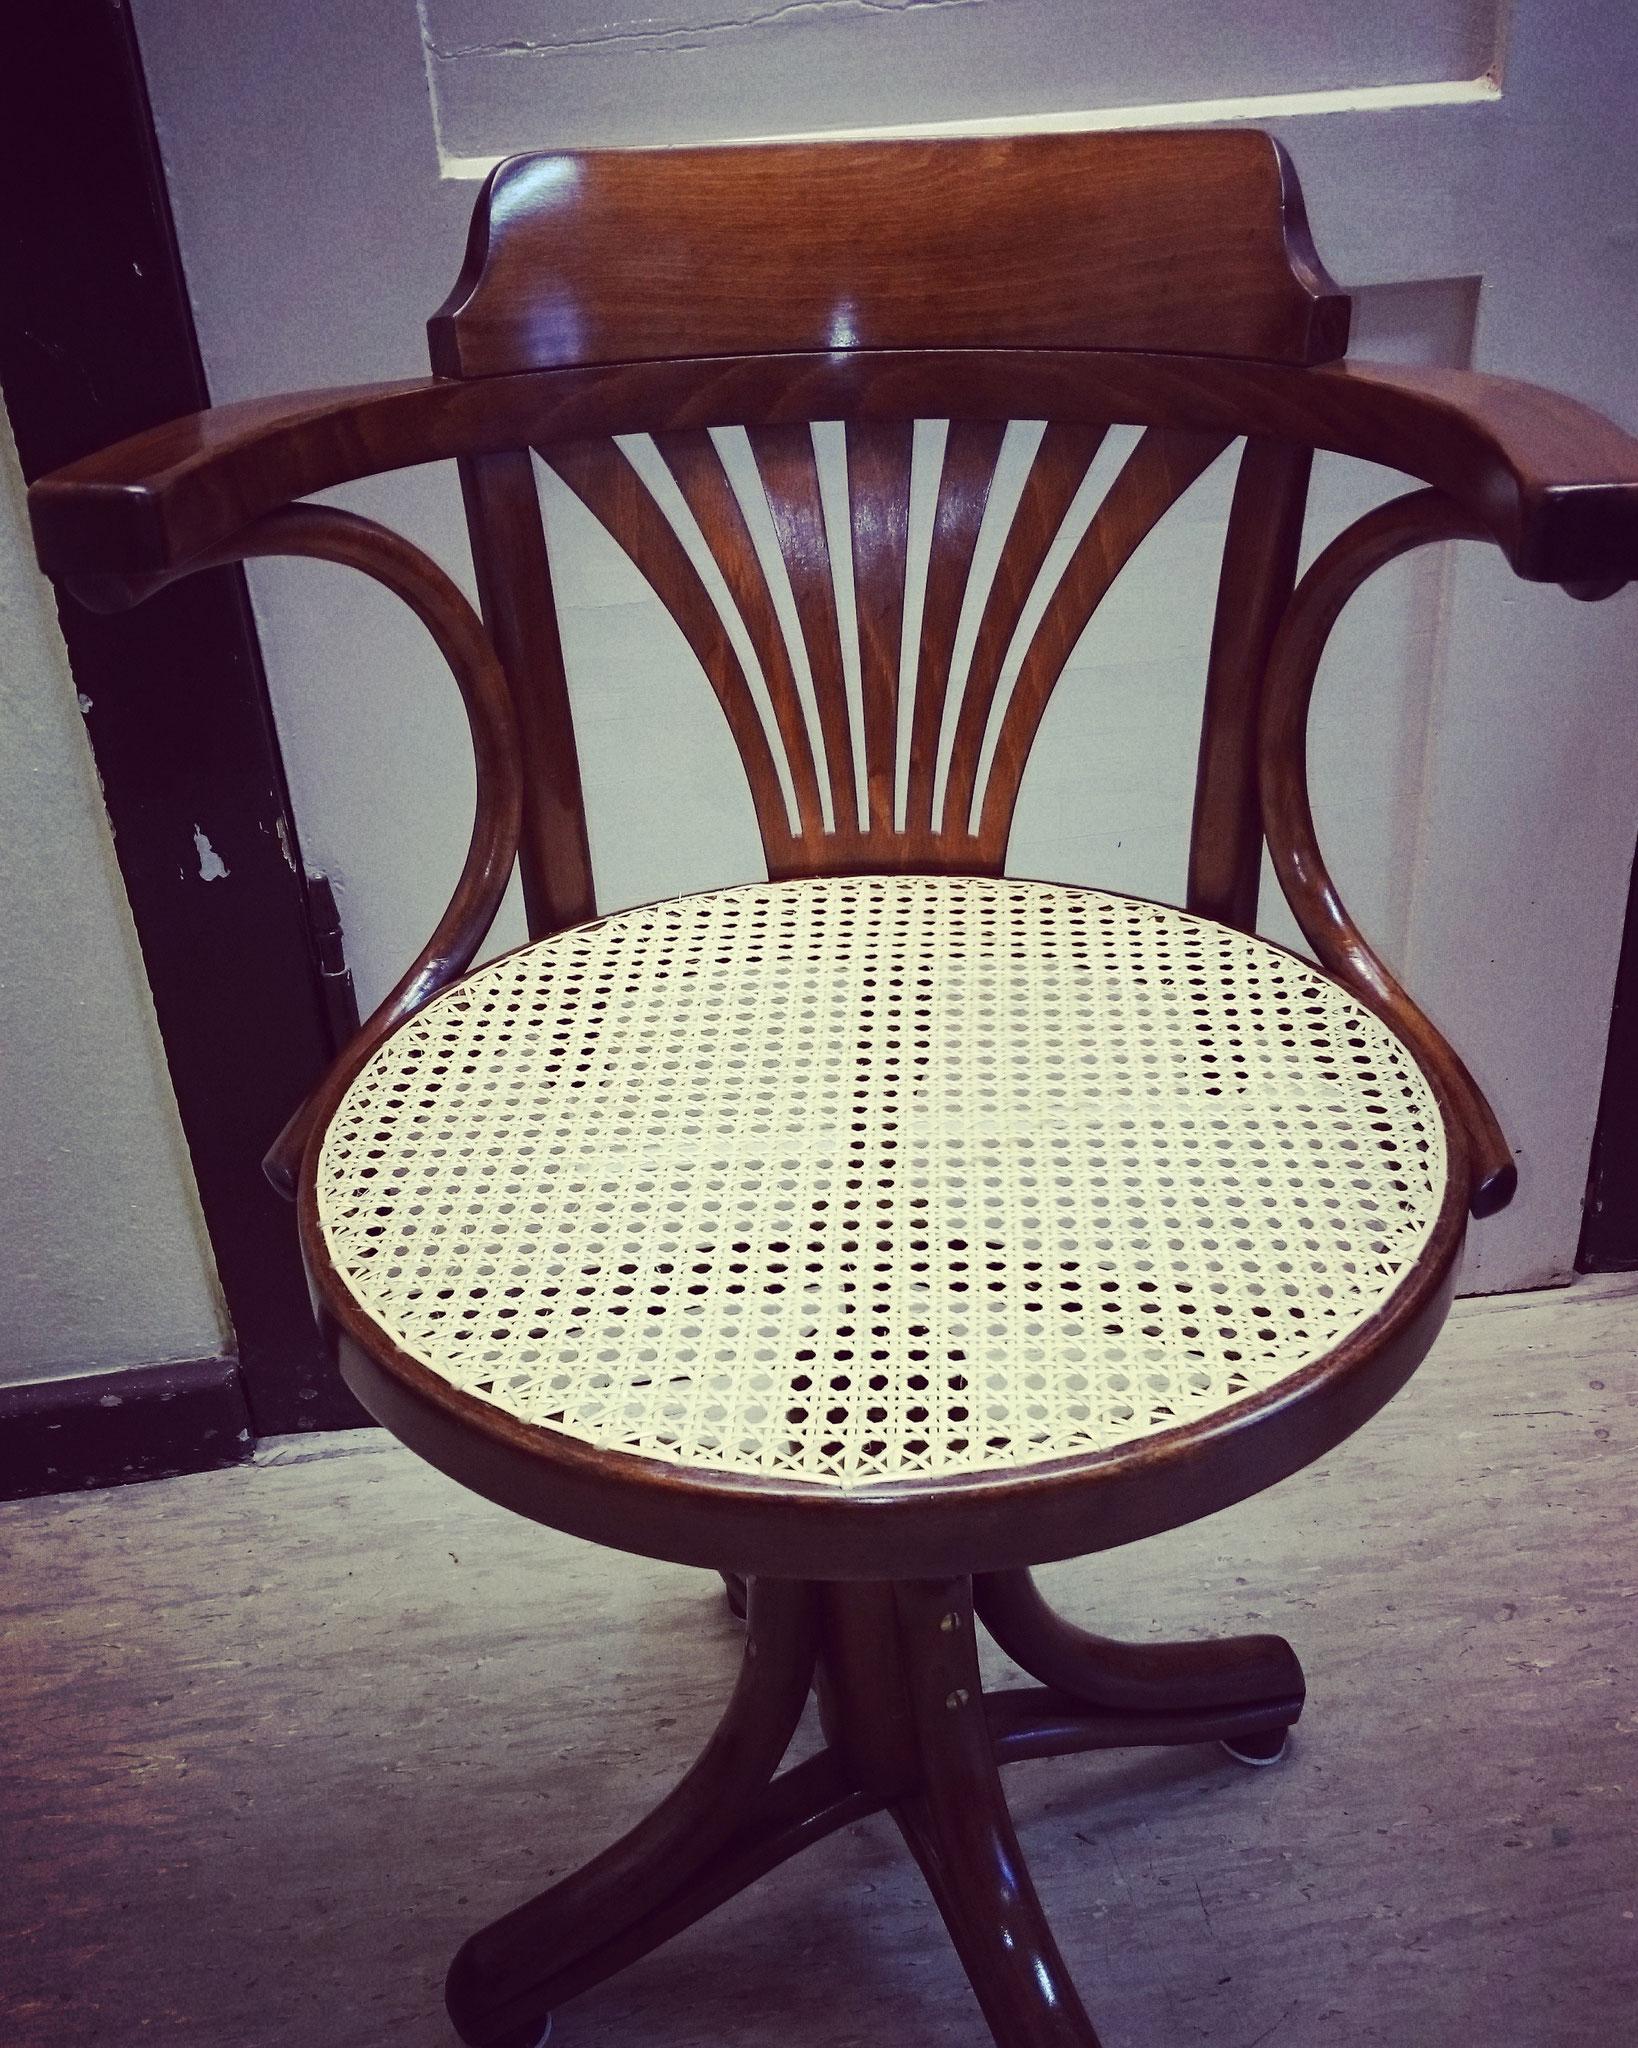 Runder Sitz mit Achteckgeflecht